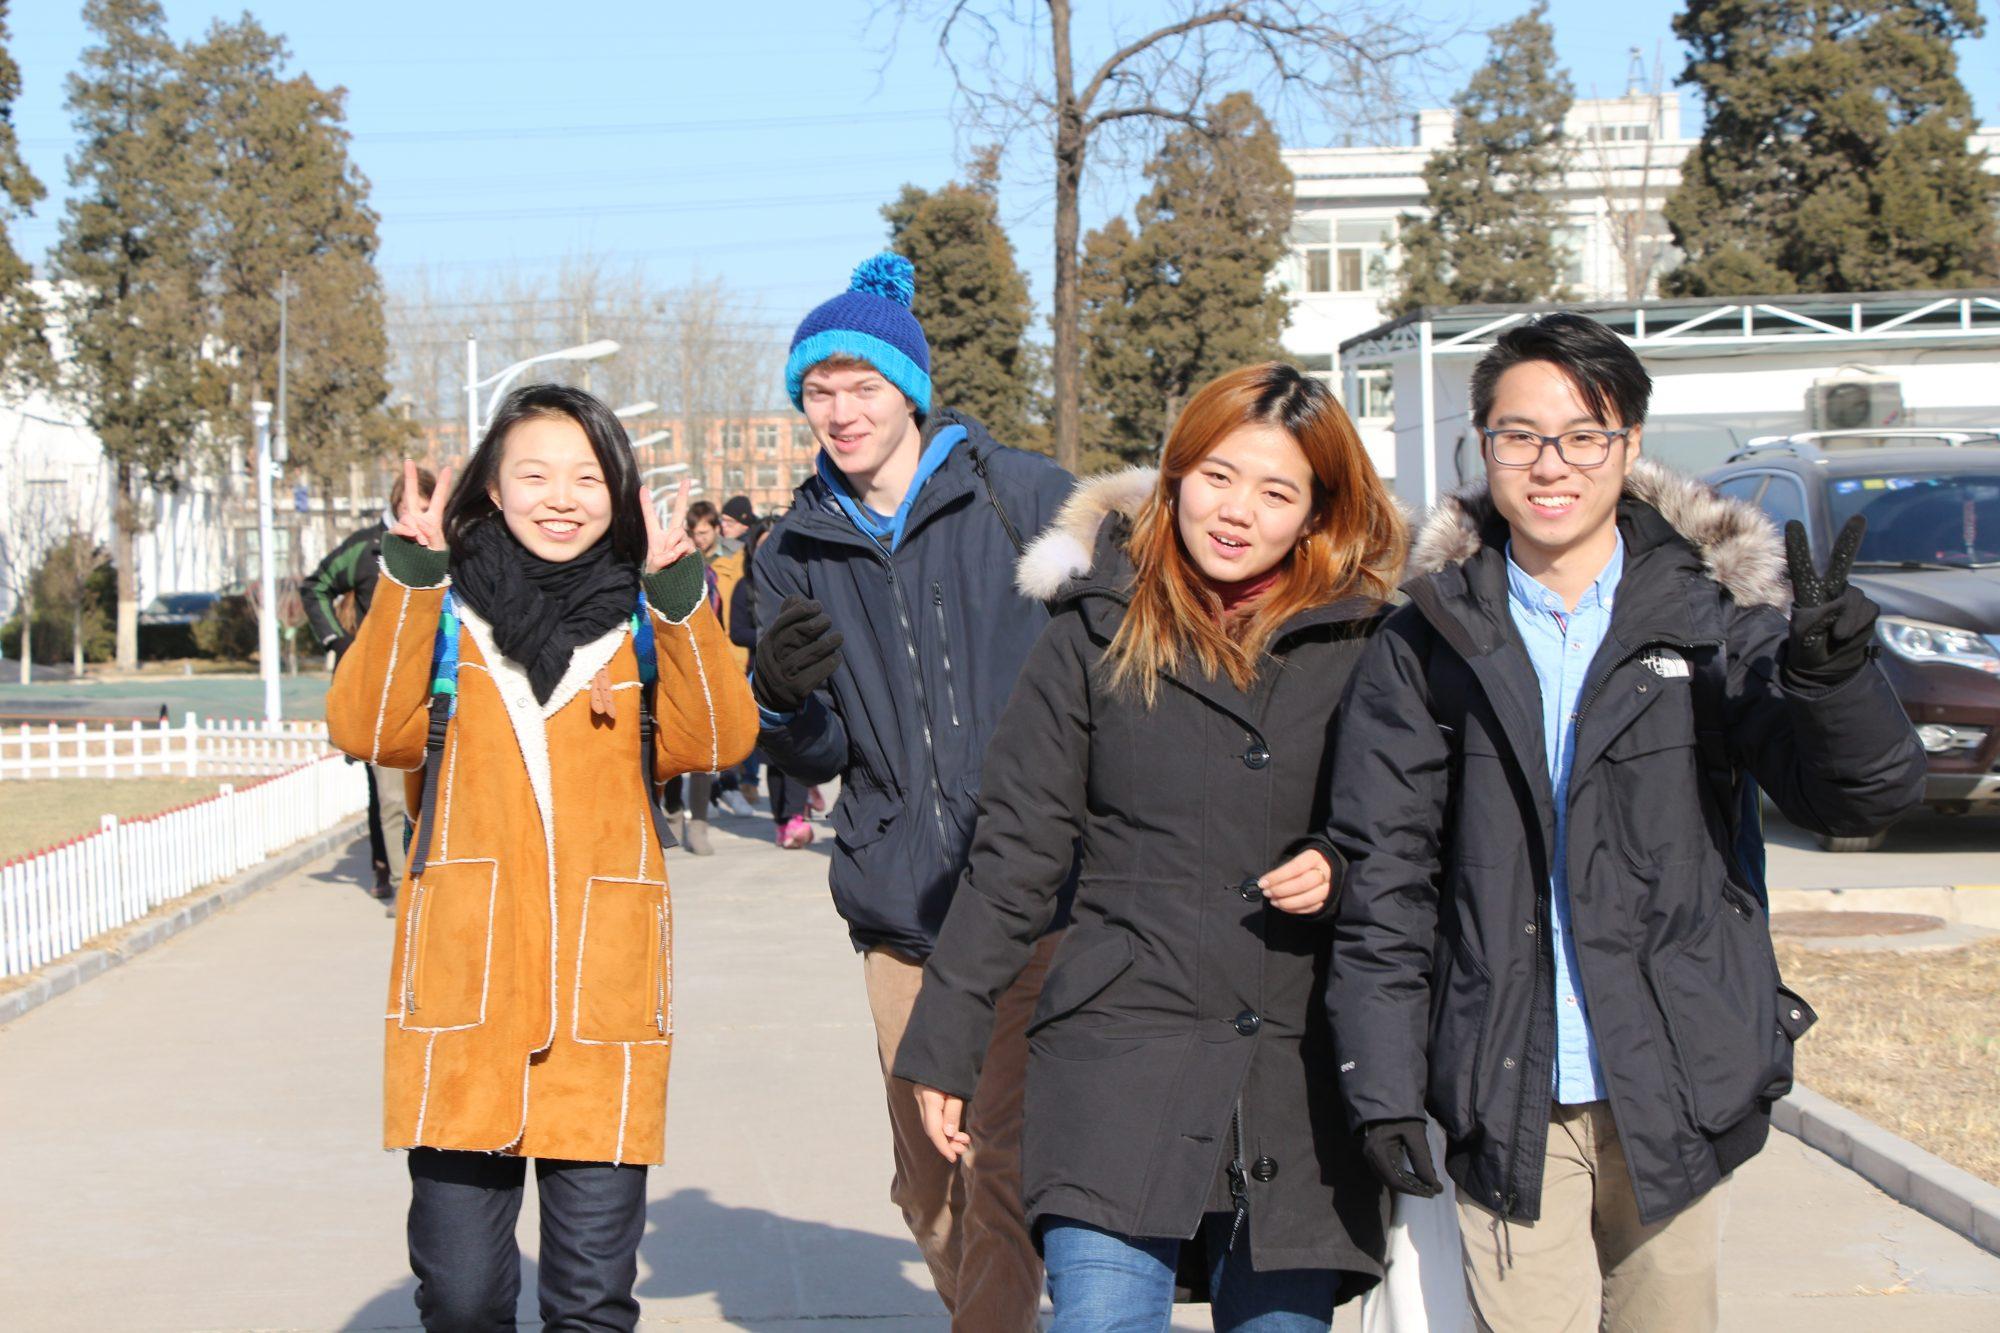 UW students (left to right) Congshan Amanda Bai, TJ Gascho, Yushan Tong, and Shunxi Liu